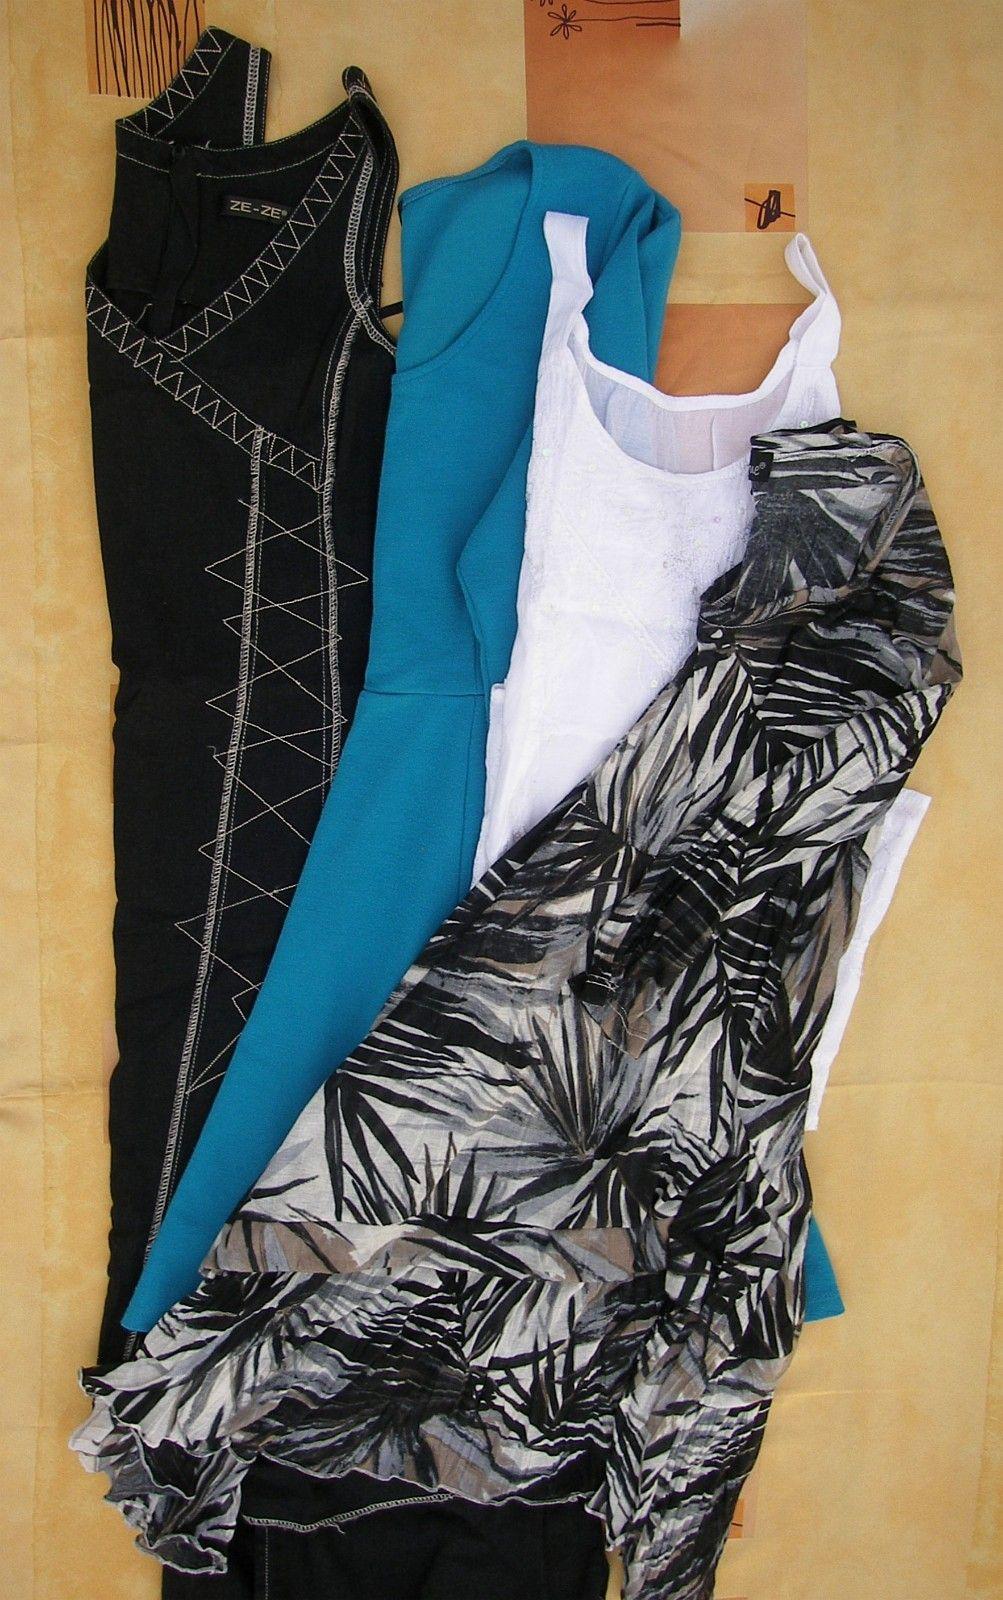 kjoler fra zeze